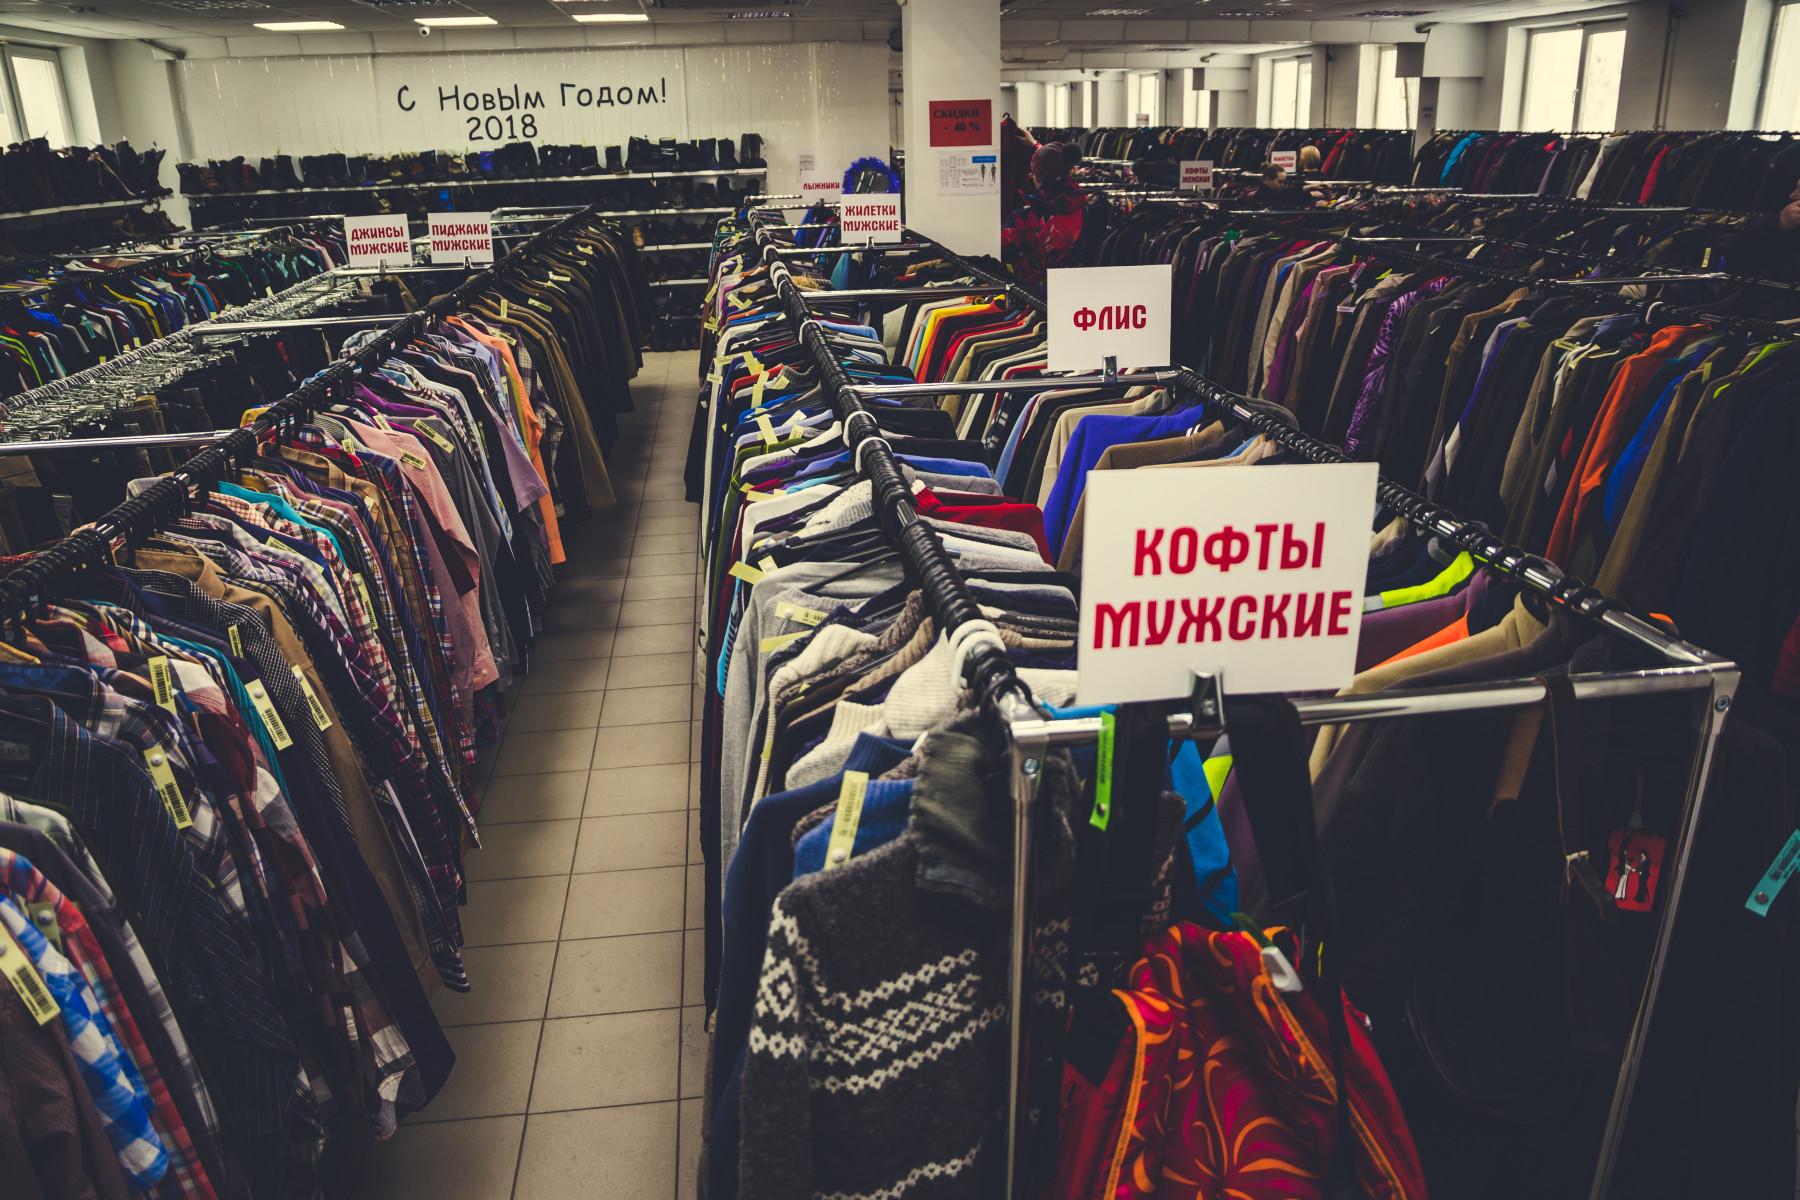 67a6b6a0f Что касается представленного товара в категории секонд-хенд, то сеть  магазинов